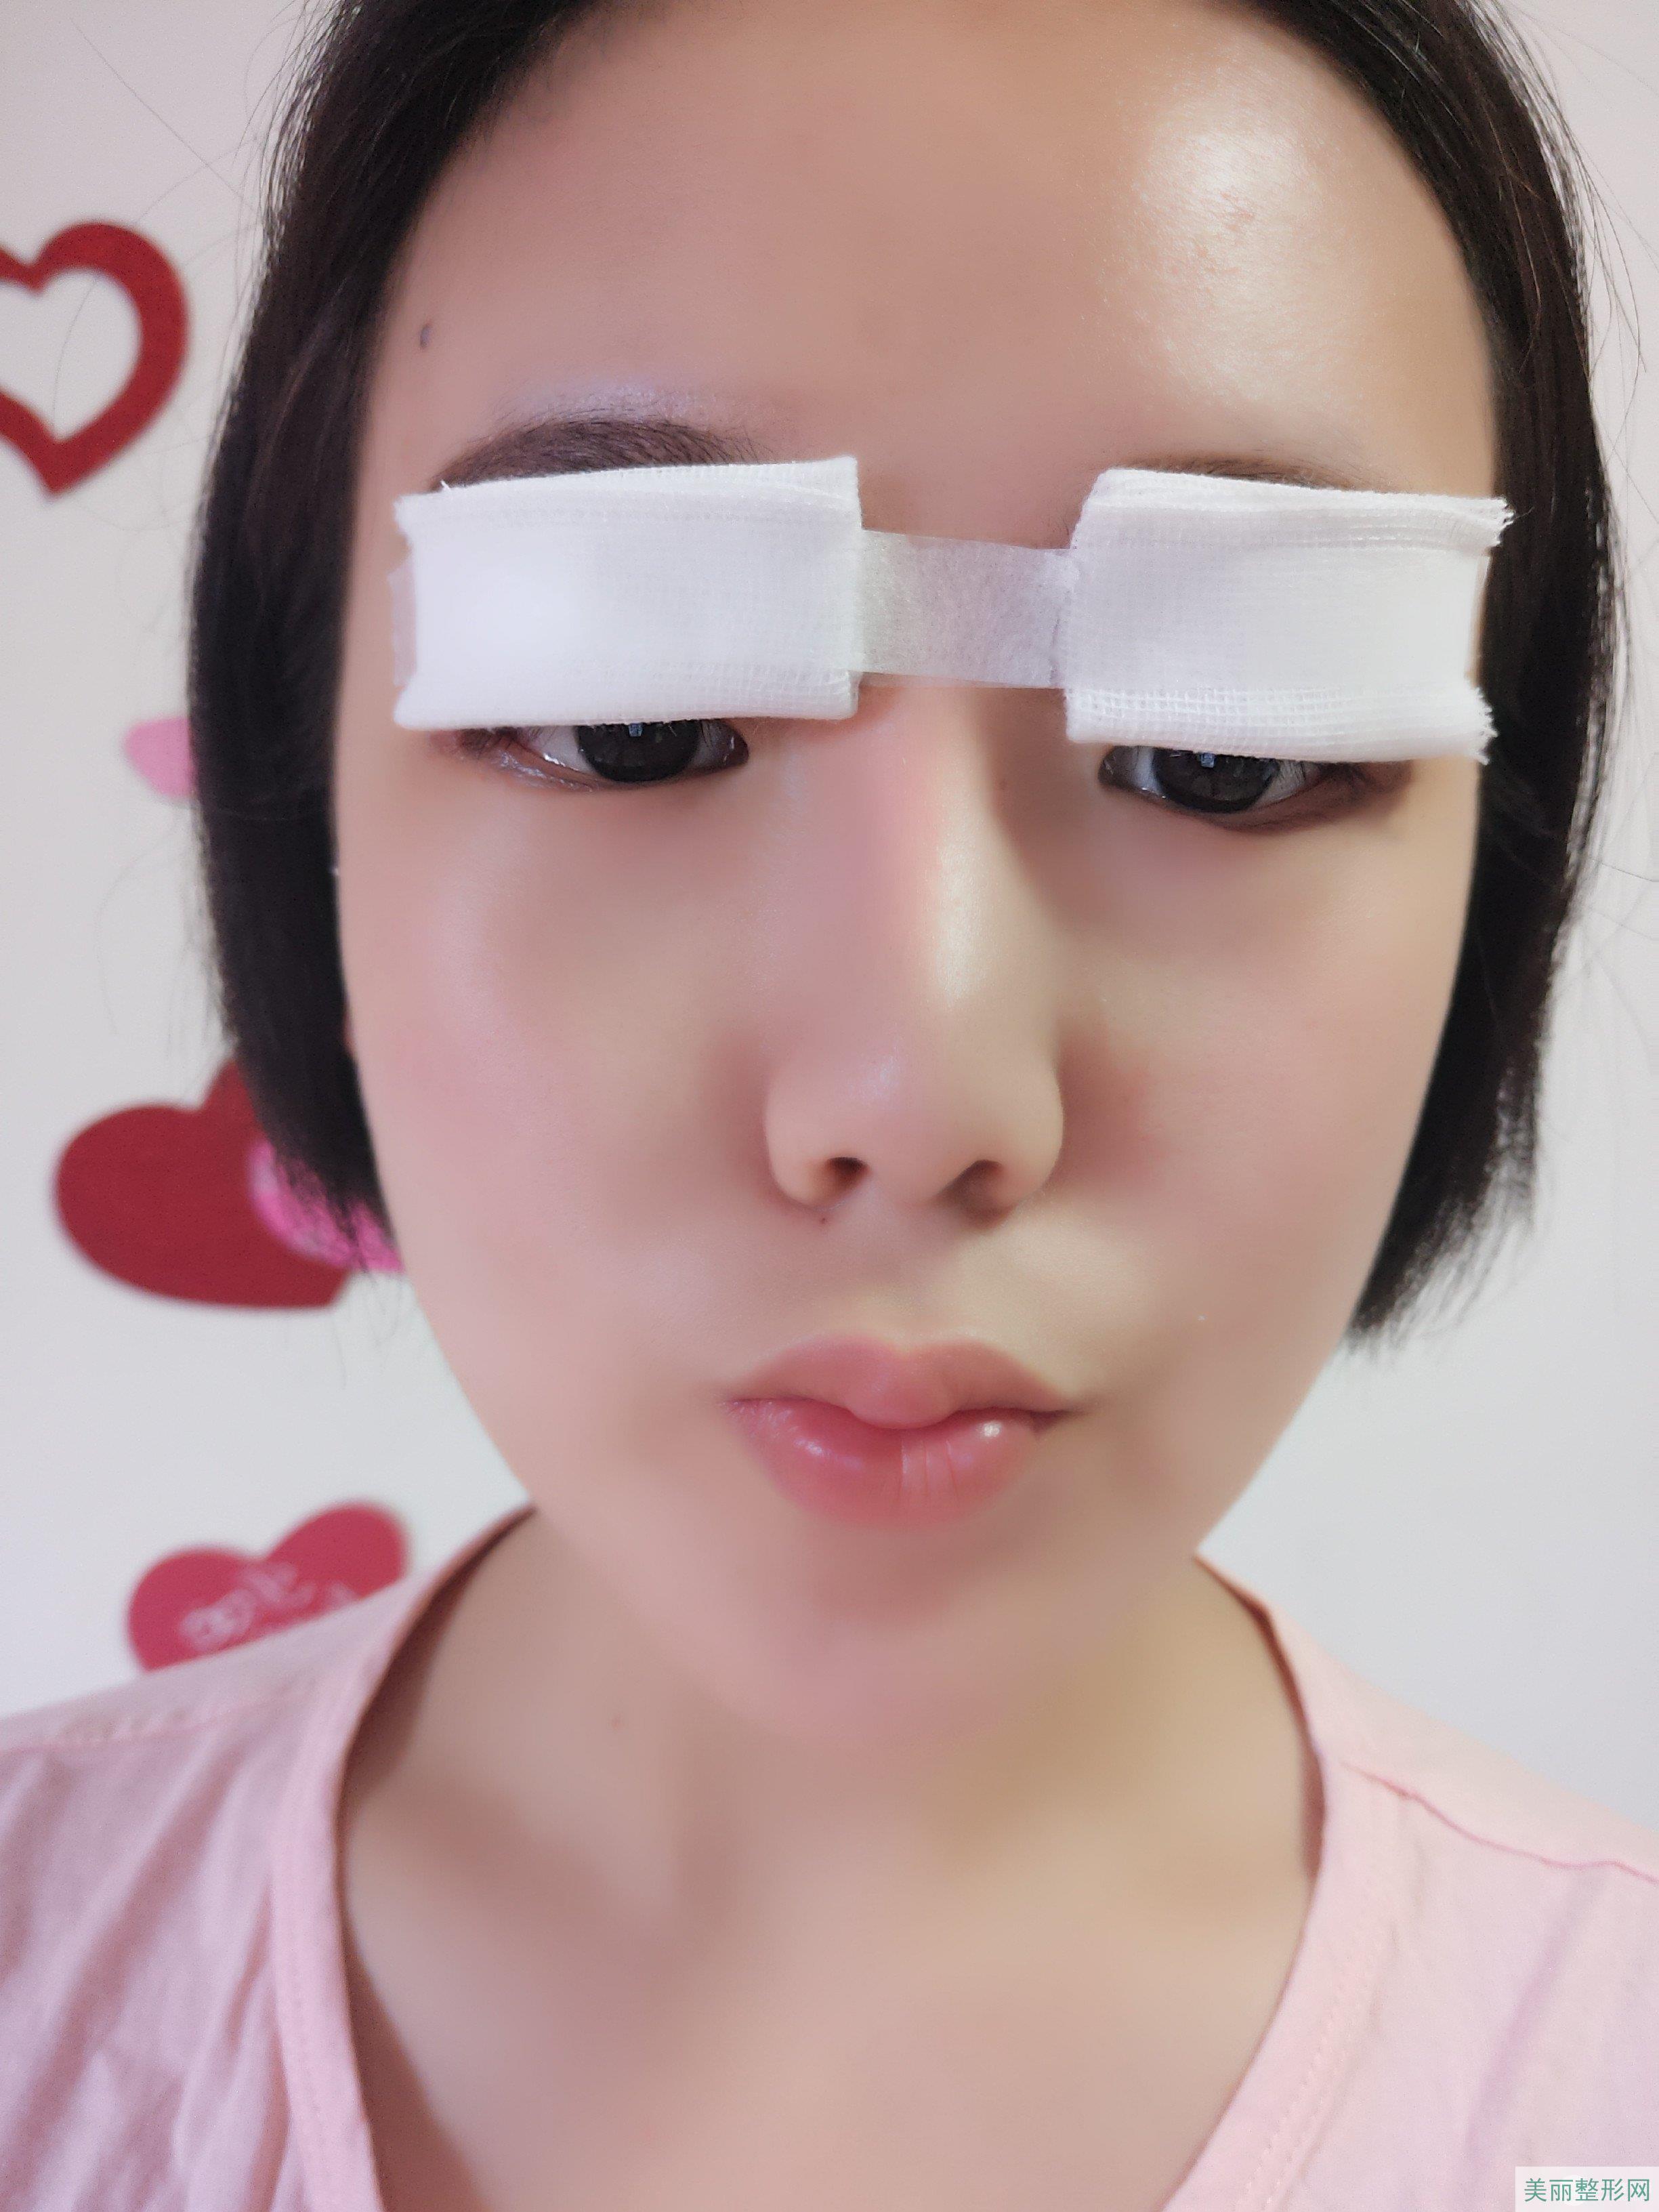 西安西京美容医院割双眼皮